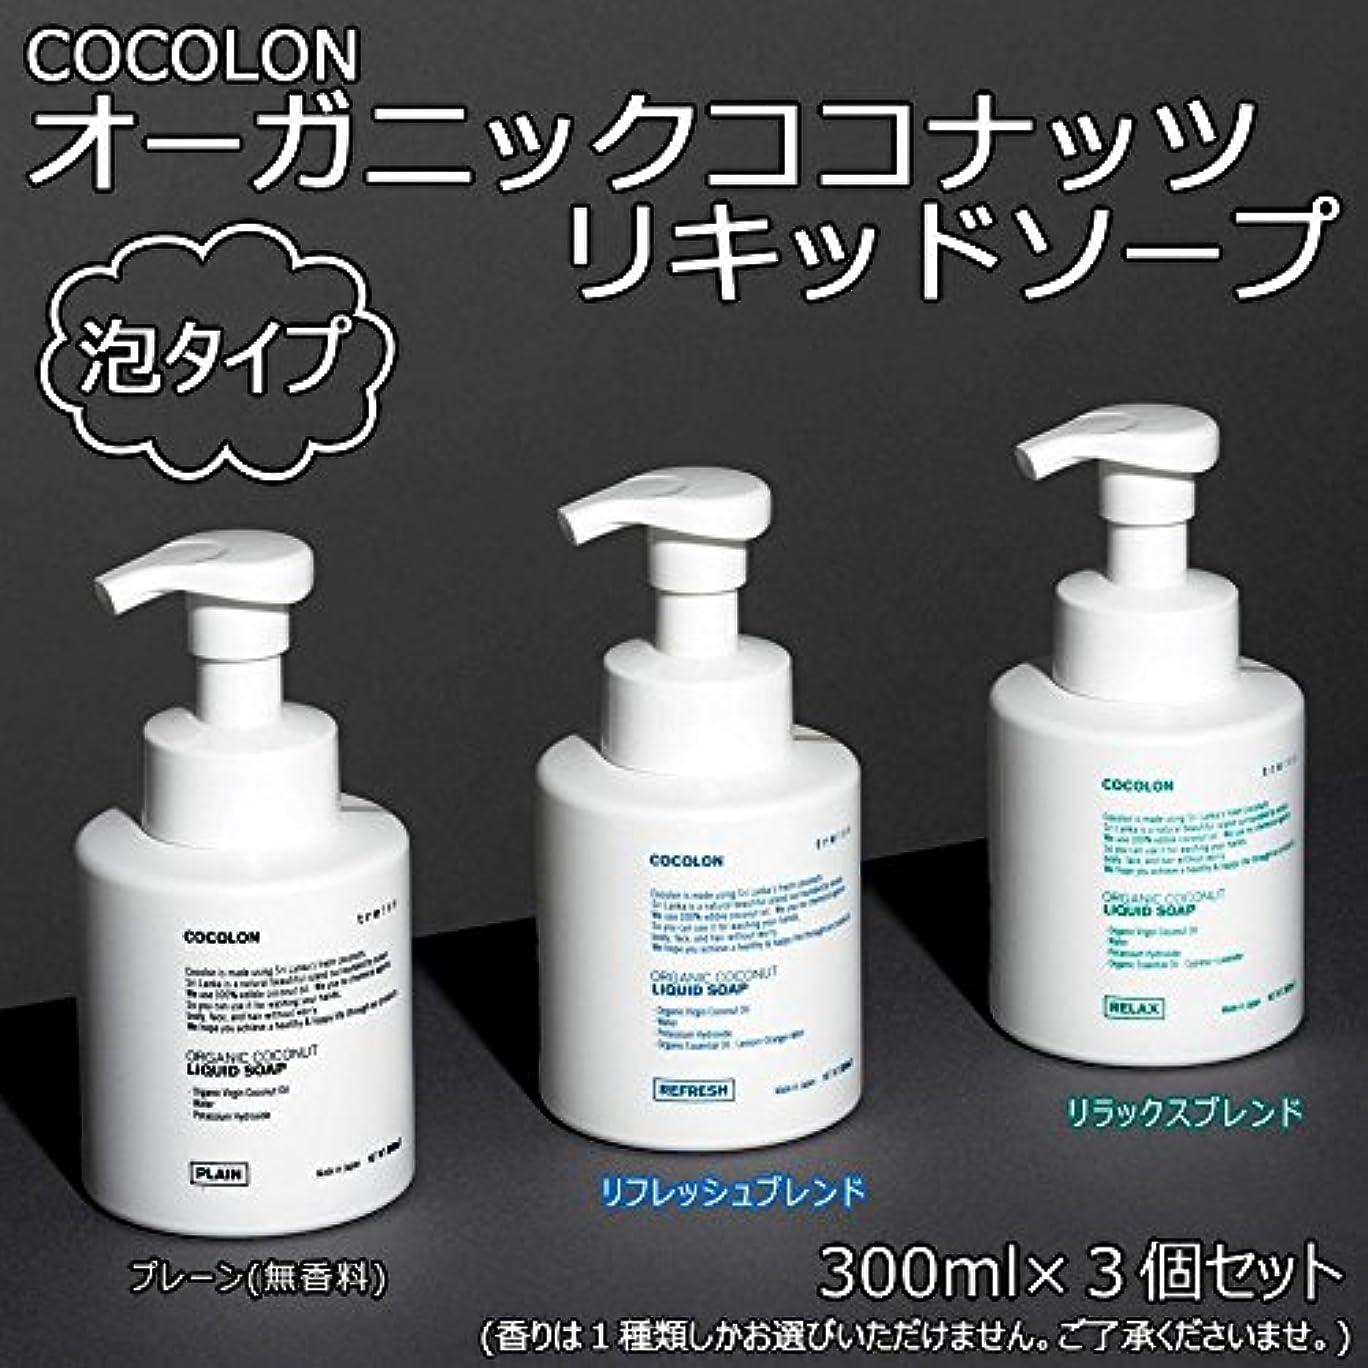 飲料エロチックプラットフォームCOCOLON ココロン オーガニックココナッツリキッドソープ 泡タイプ 300ml 3個セット【同梱?代引不可】 ■3種類の内「リフレッシュブレンド」のみです